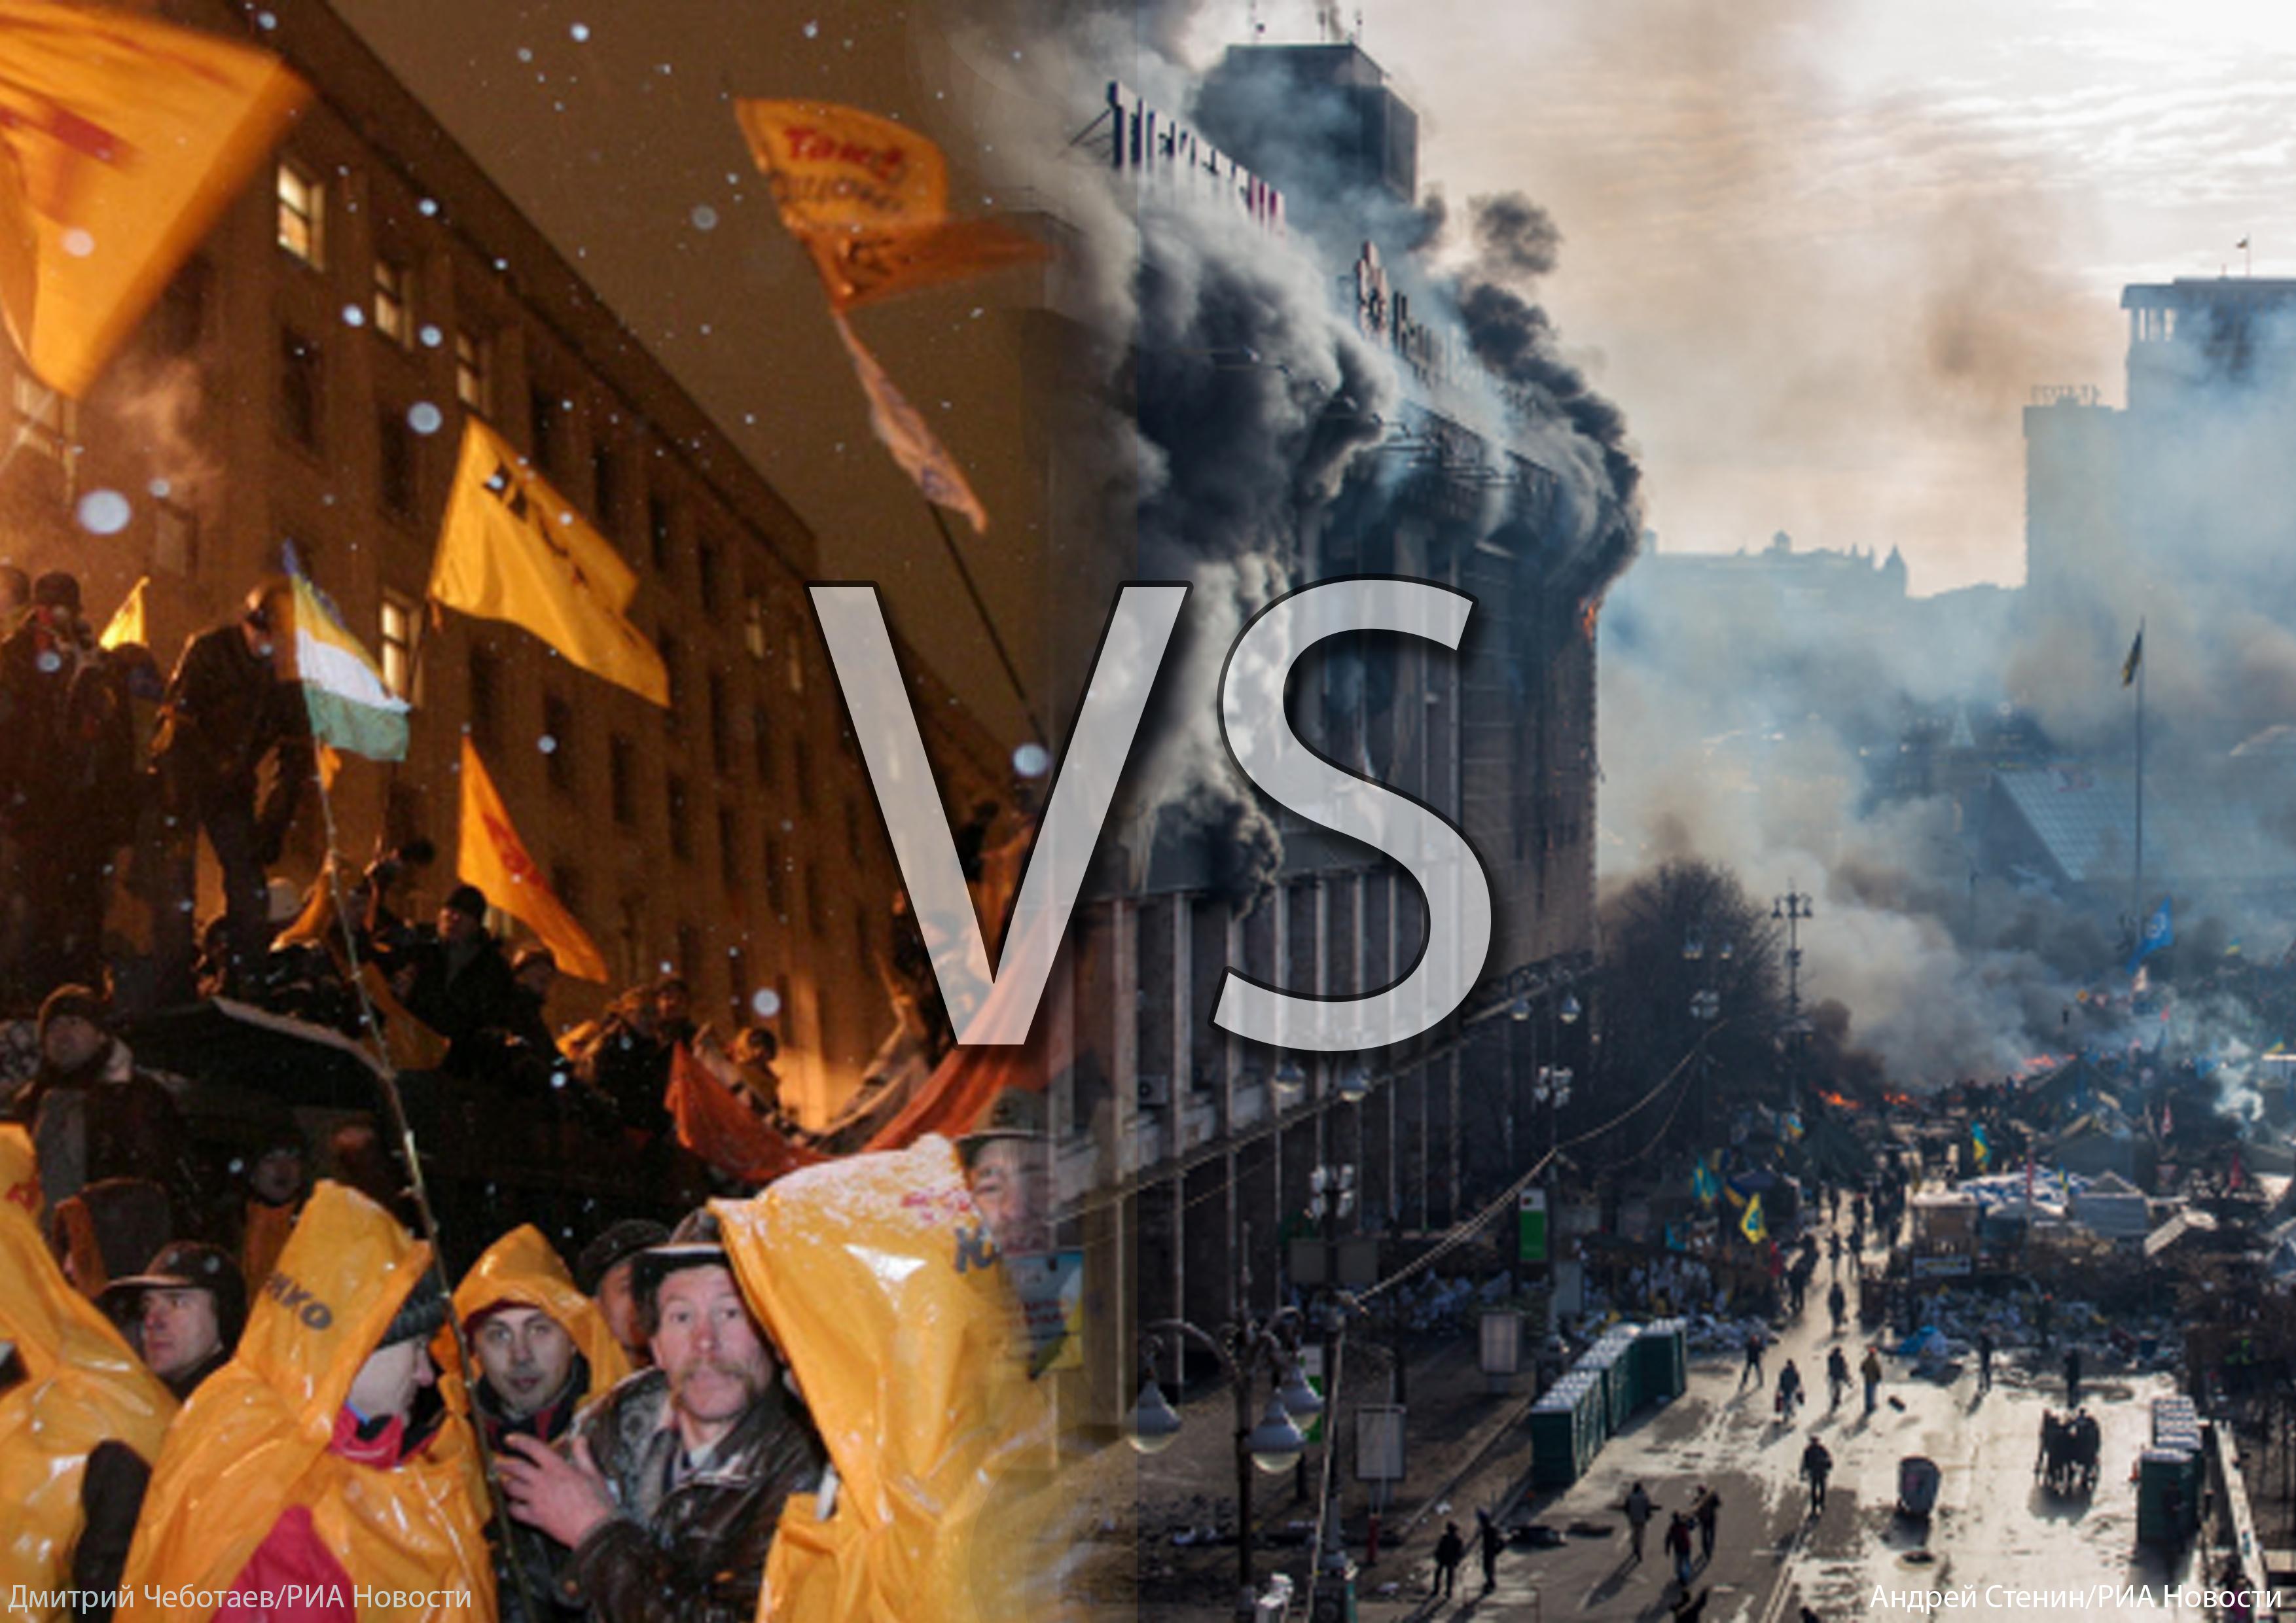 Майдан-2004 против Майдана-2014: сходства и различия двух революций